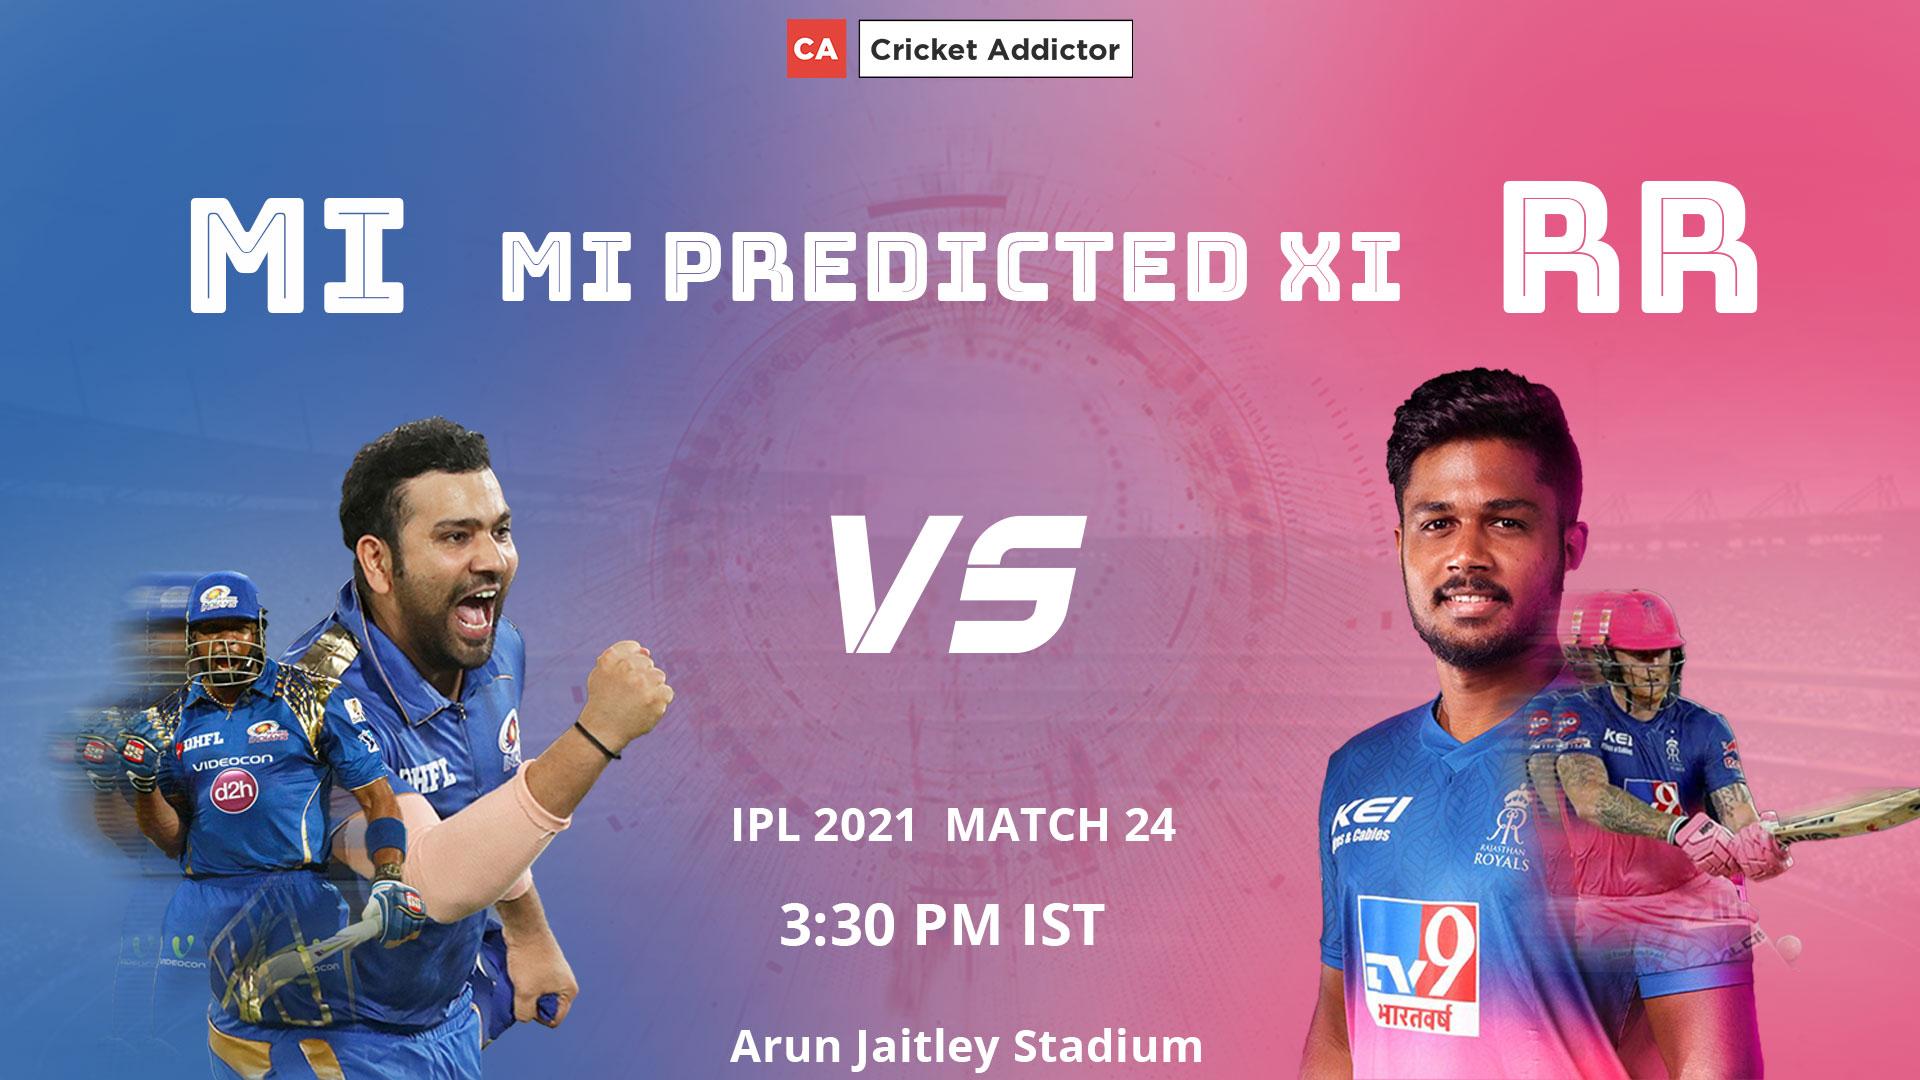 IPL 2021, Mumbai Indians, MI, MI vs RR, predicted playing XI, playing XI